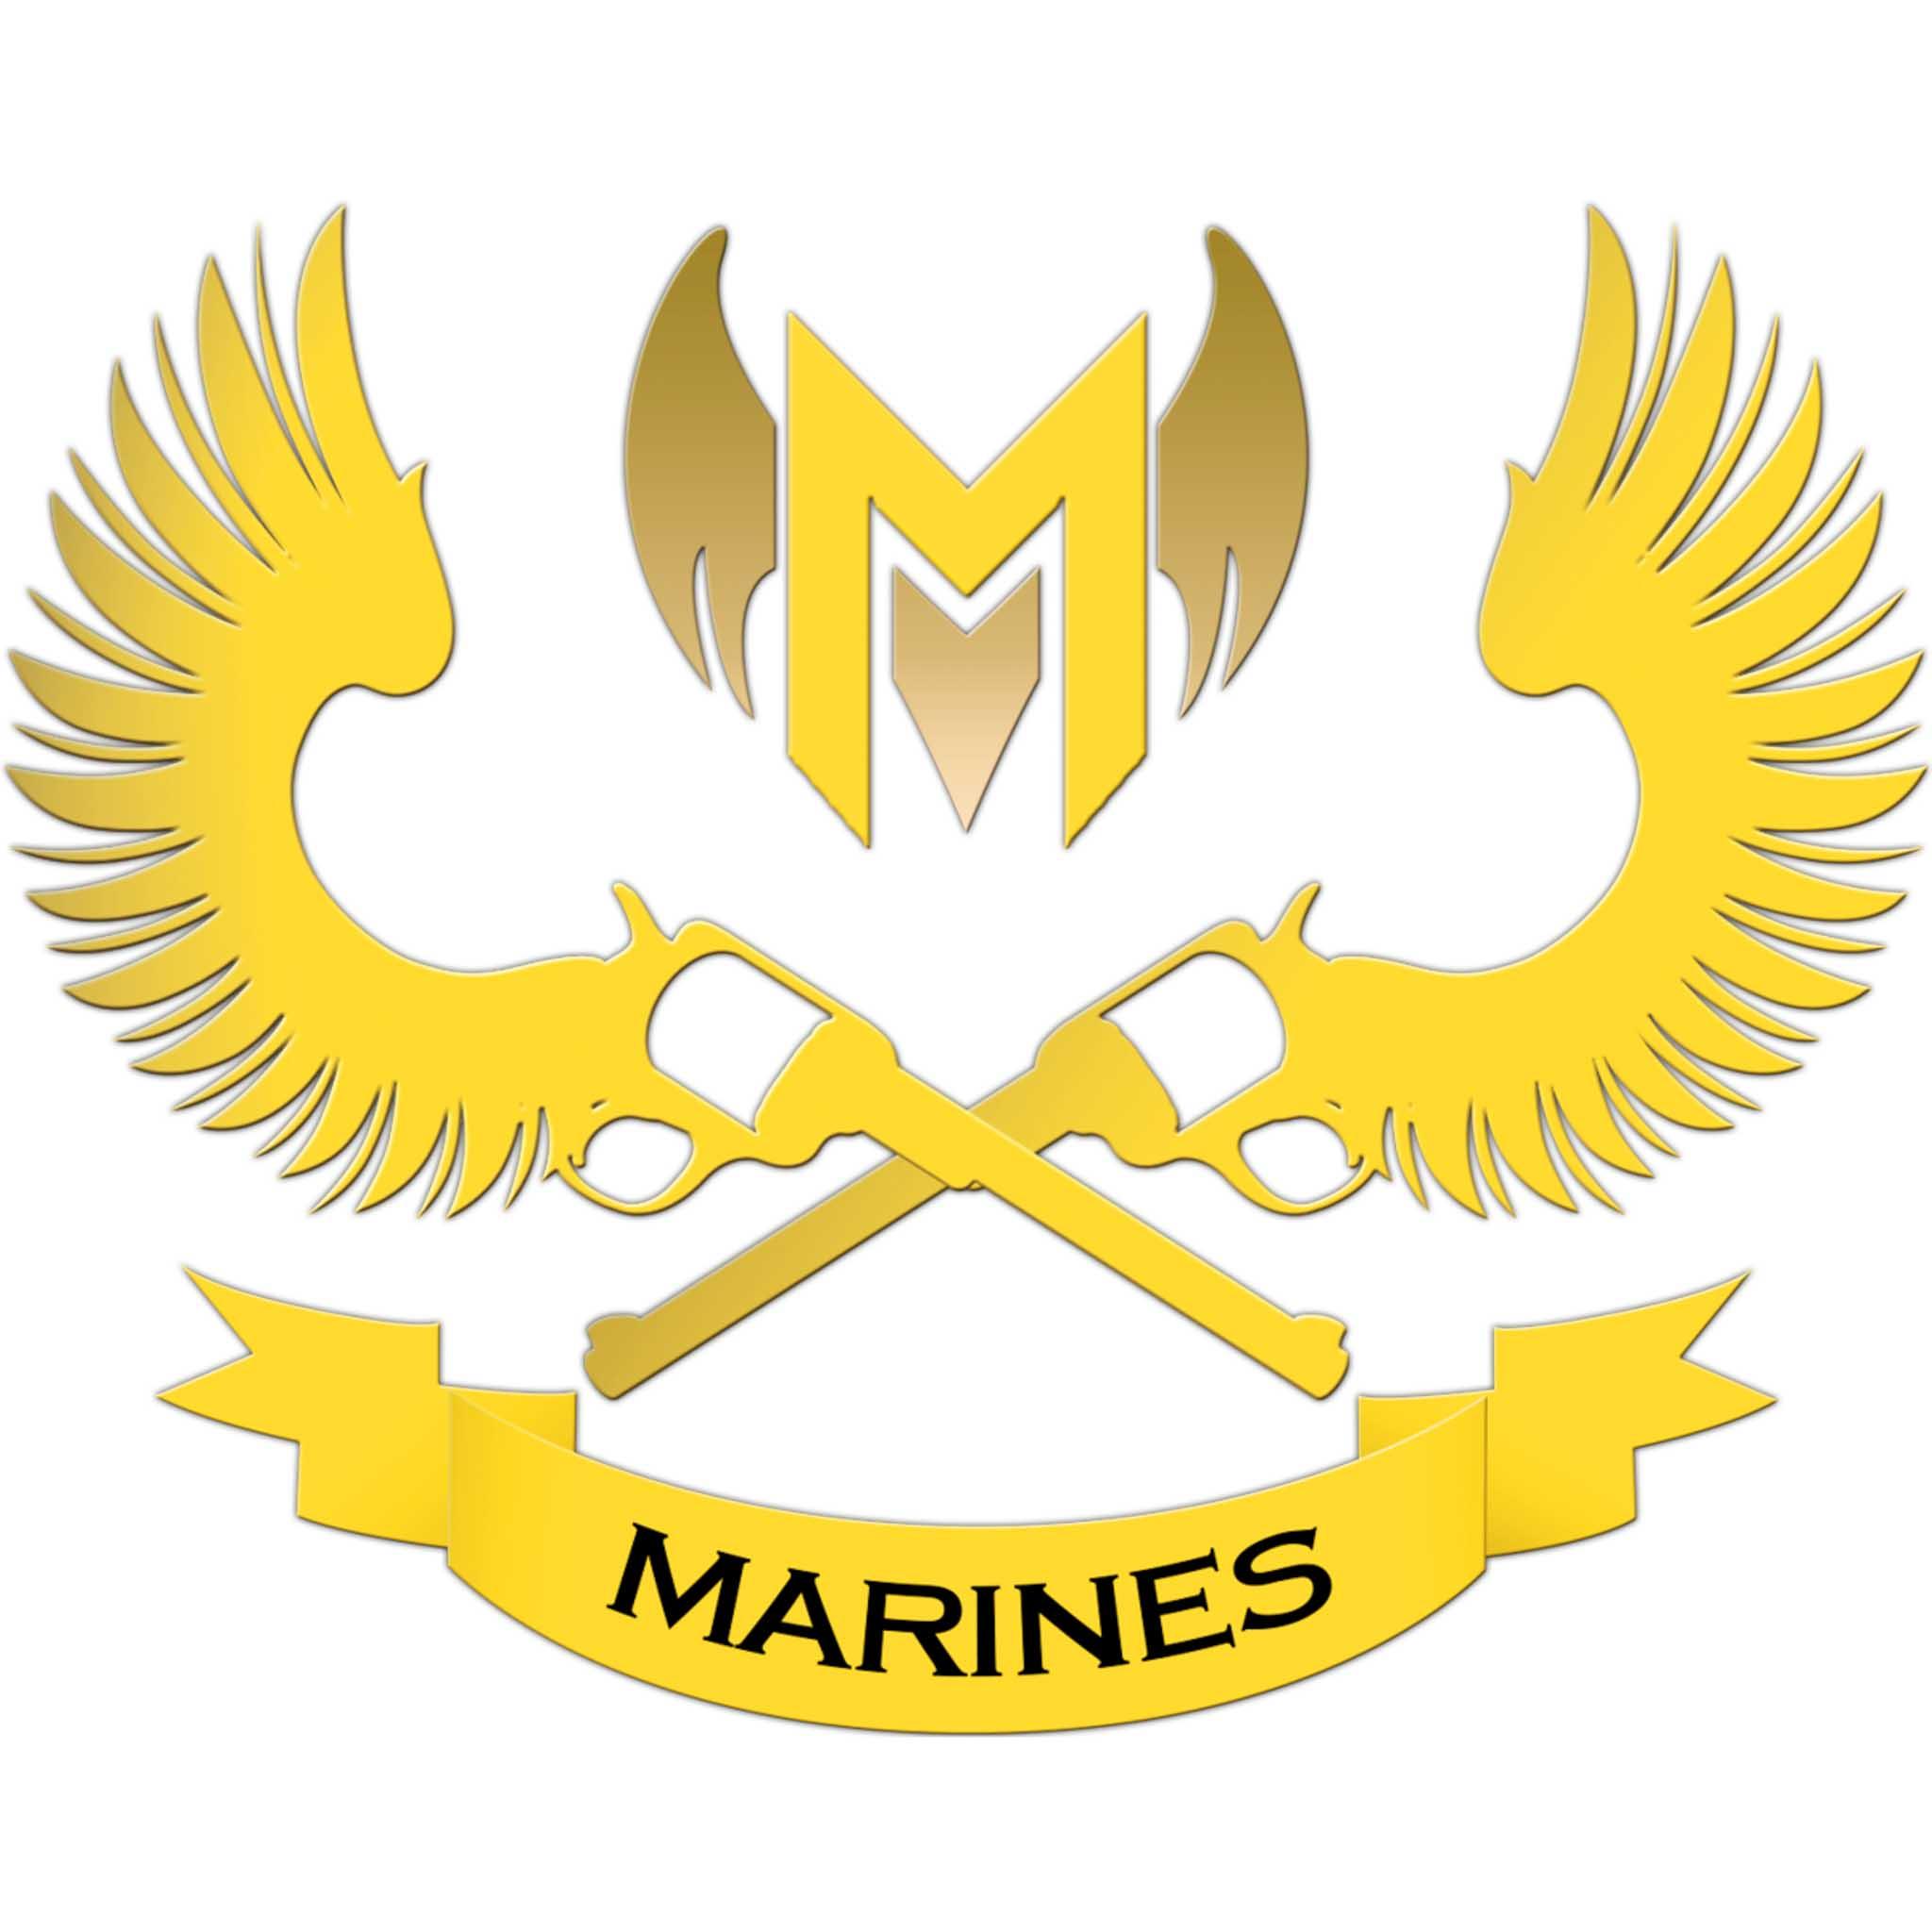 GIGABYTE_marines_logo-1.jpg